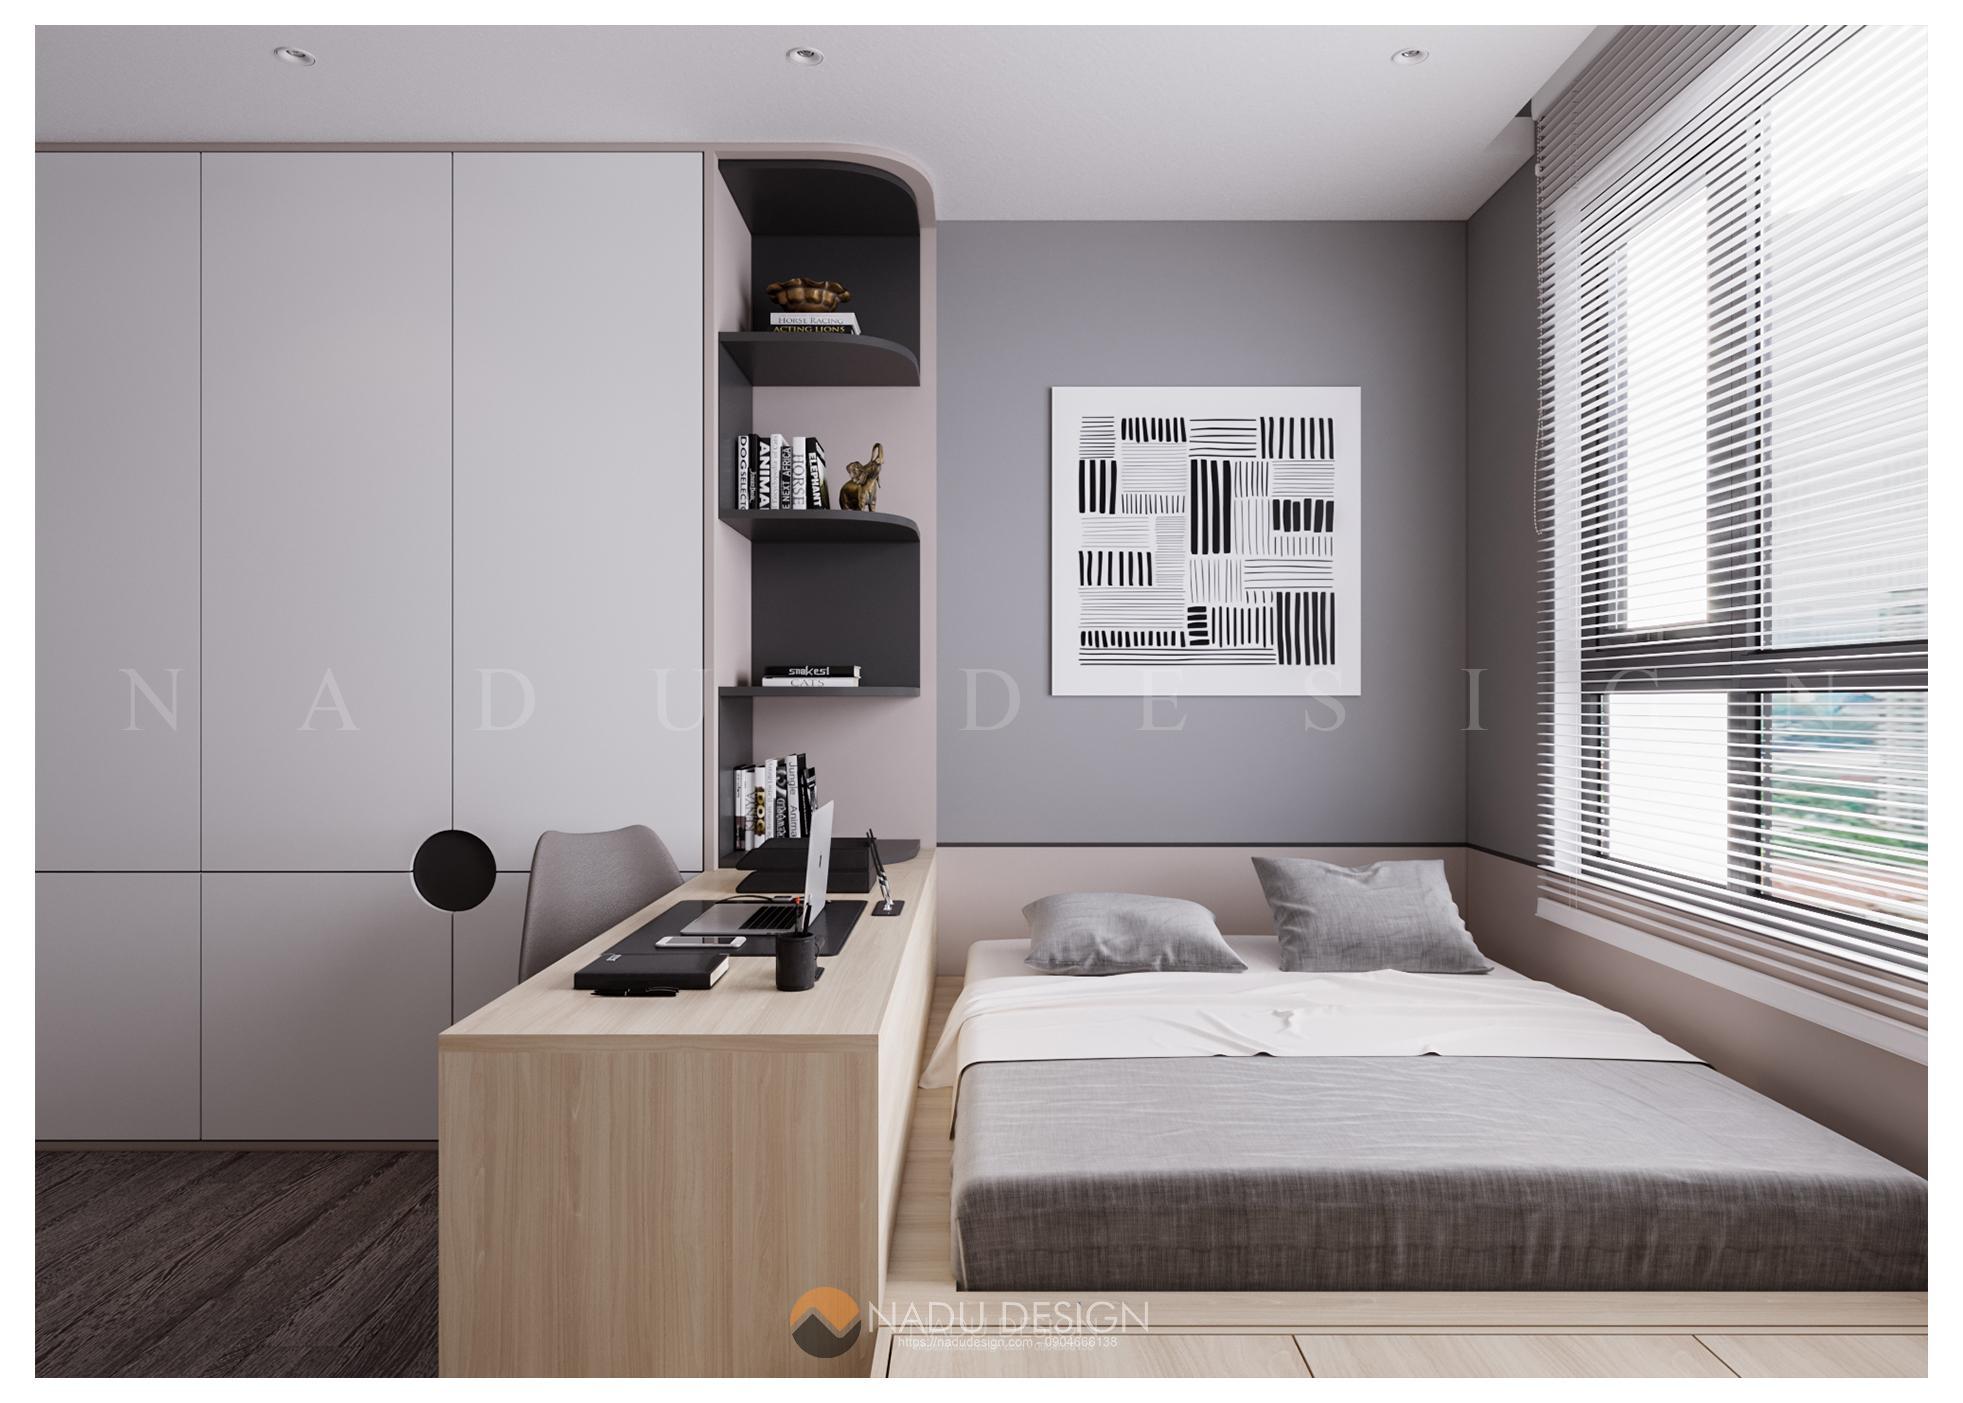 [MỚI NHẤT] Thiết kế phòng ngủ đơn giản đẹp cập nhật xu hướng liên tục